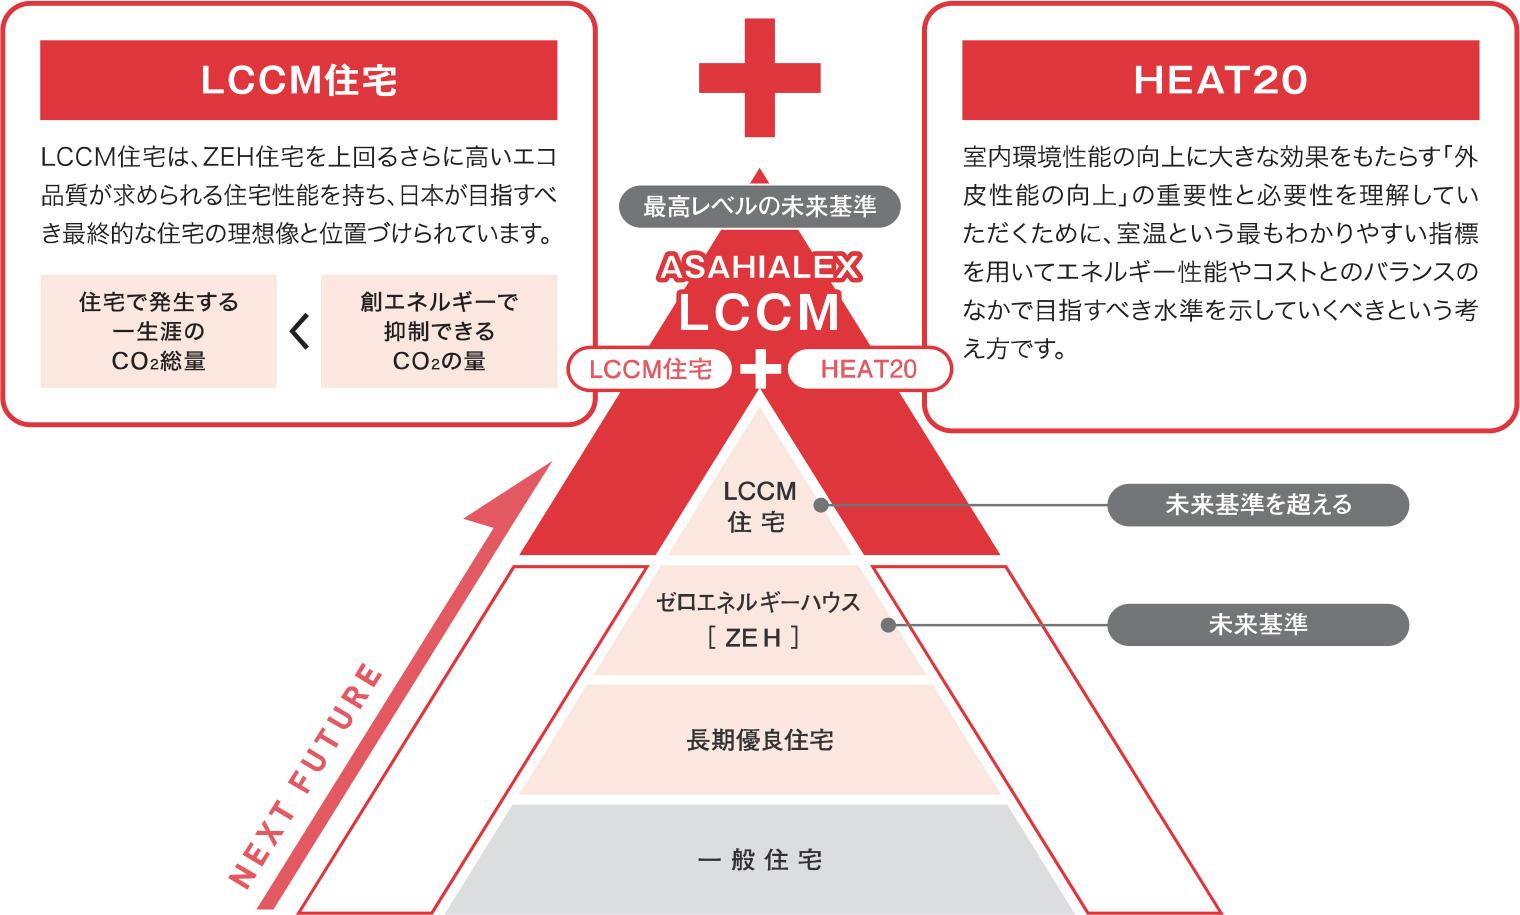 LCCM住宅+HEAT20で「最高レベルの未来基準」へ